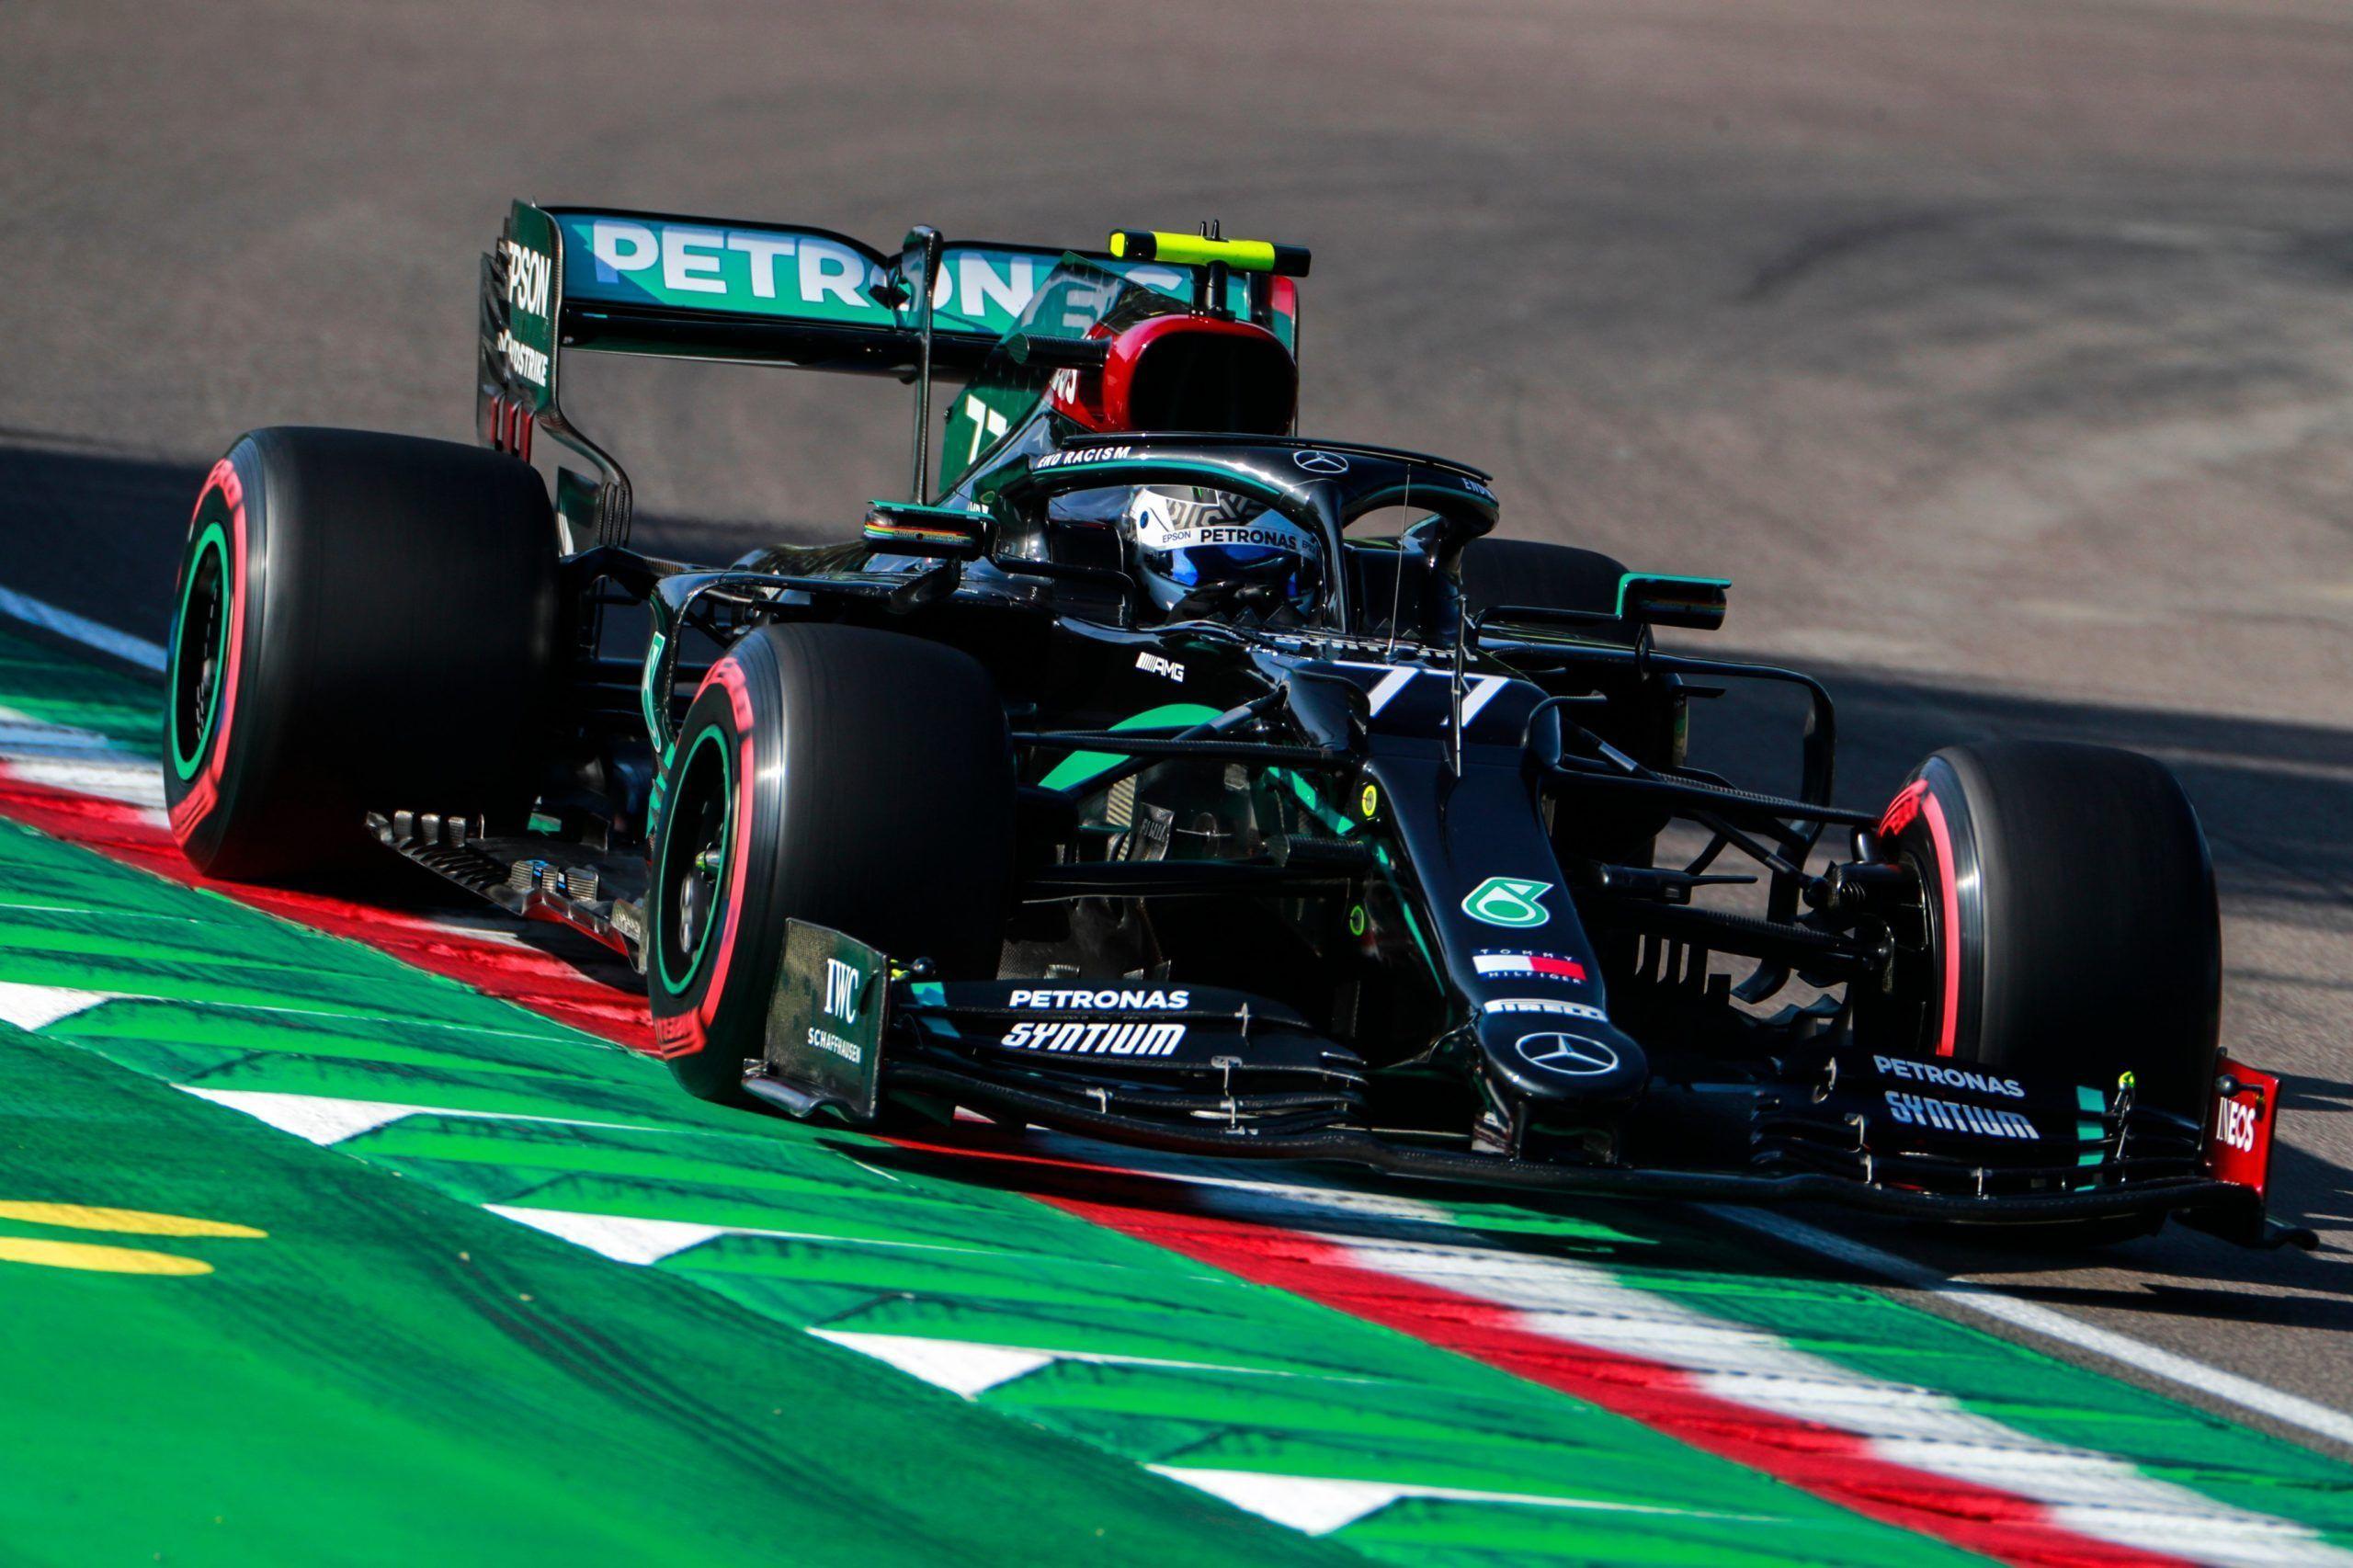 Valtteri Bottas, Emilia Romagna GP, F1